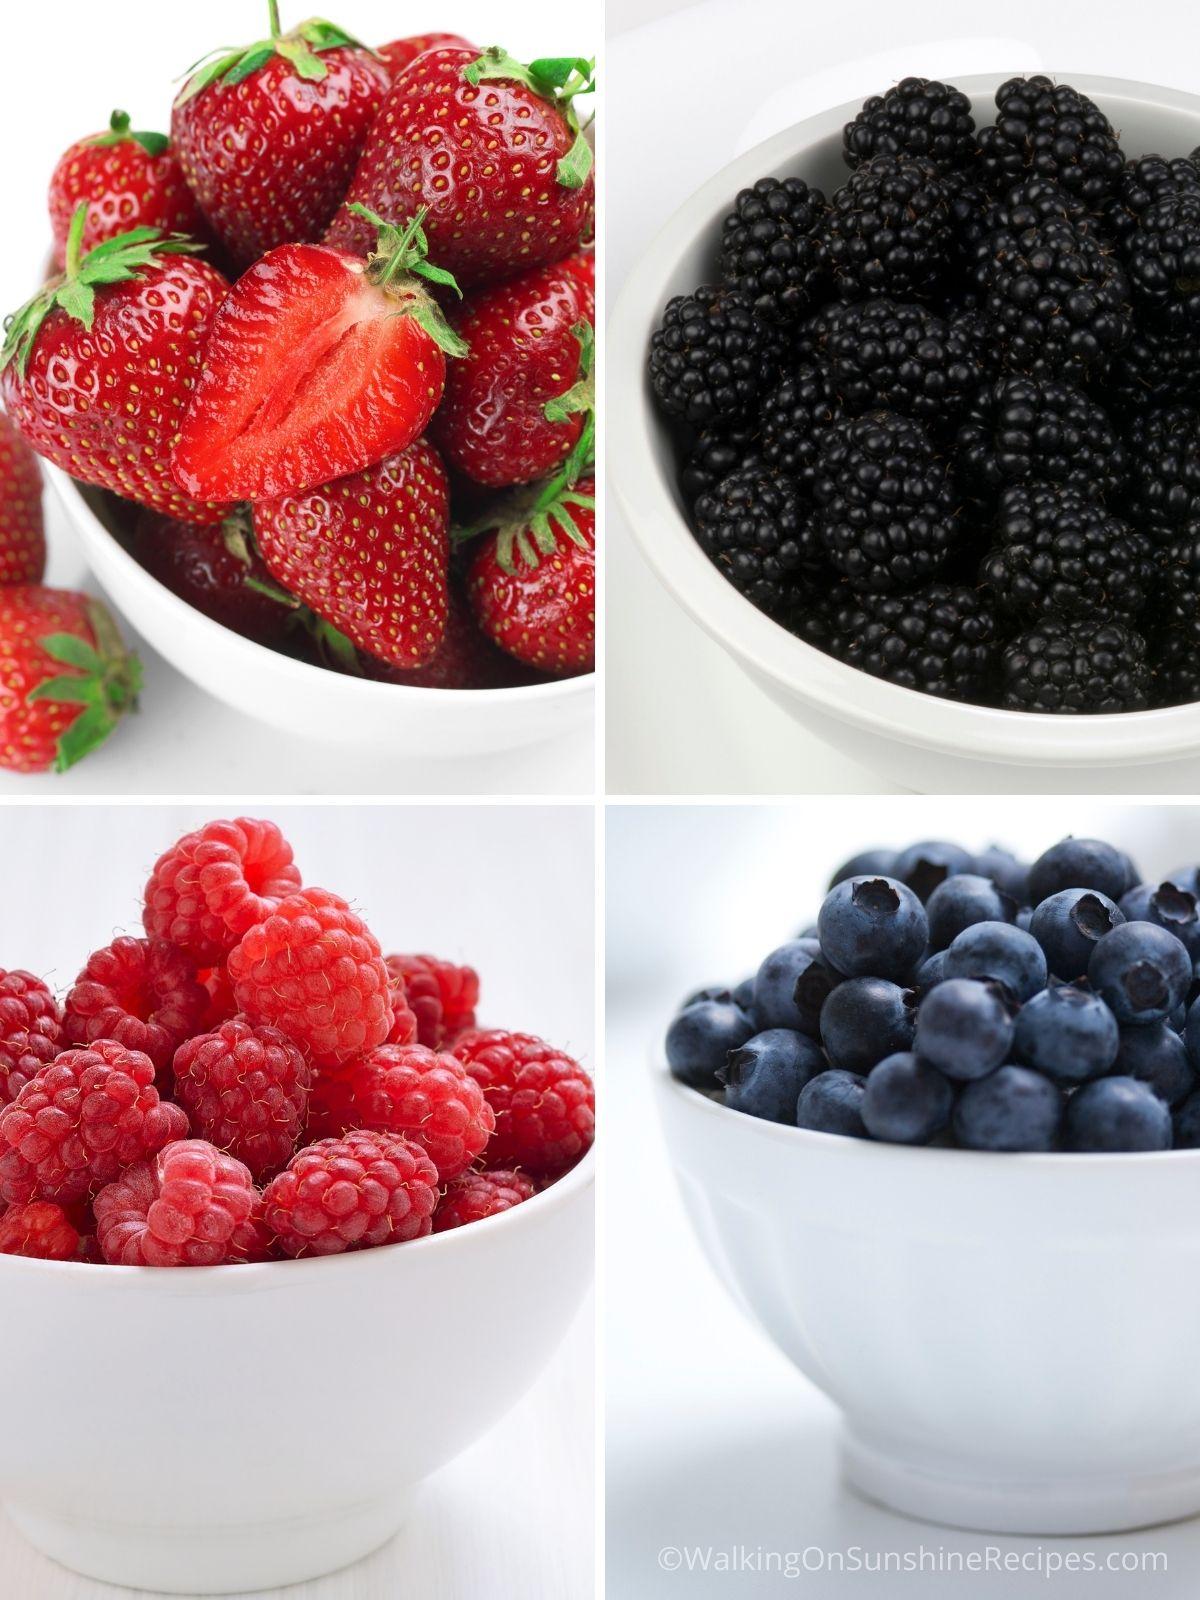 Strawberries, blackberries, raspberries and blueberries in white bowls.